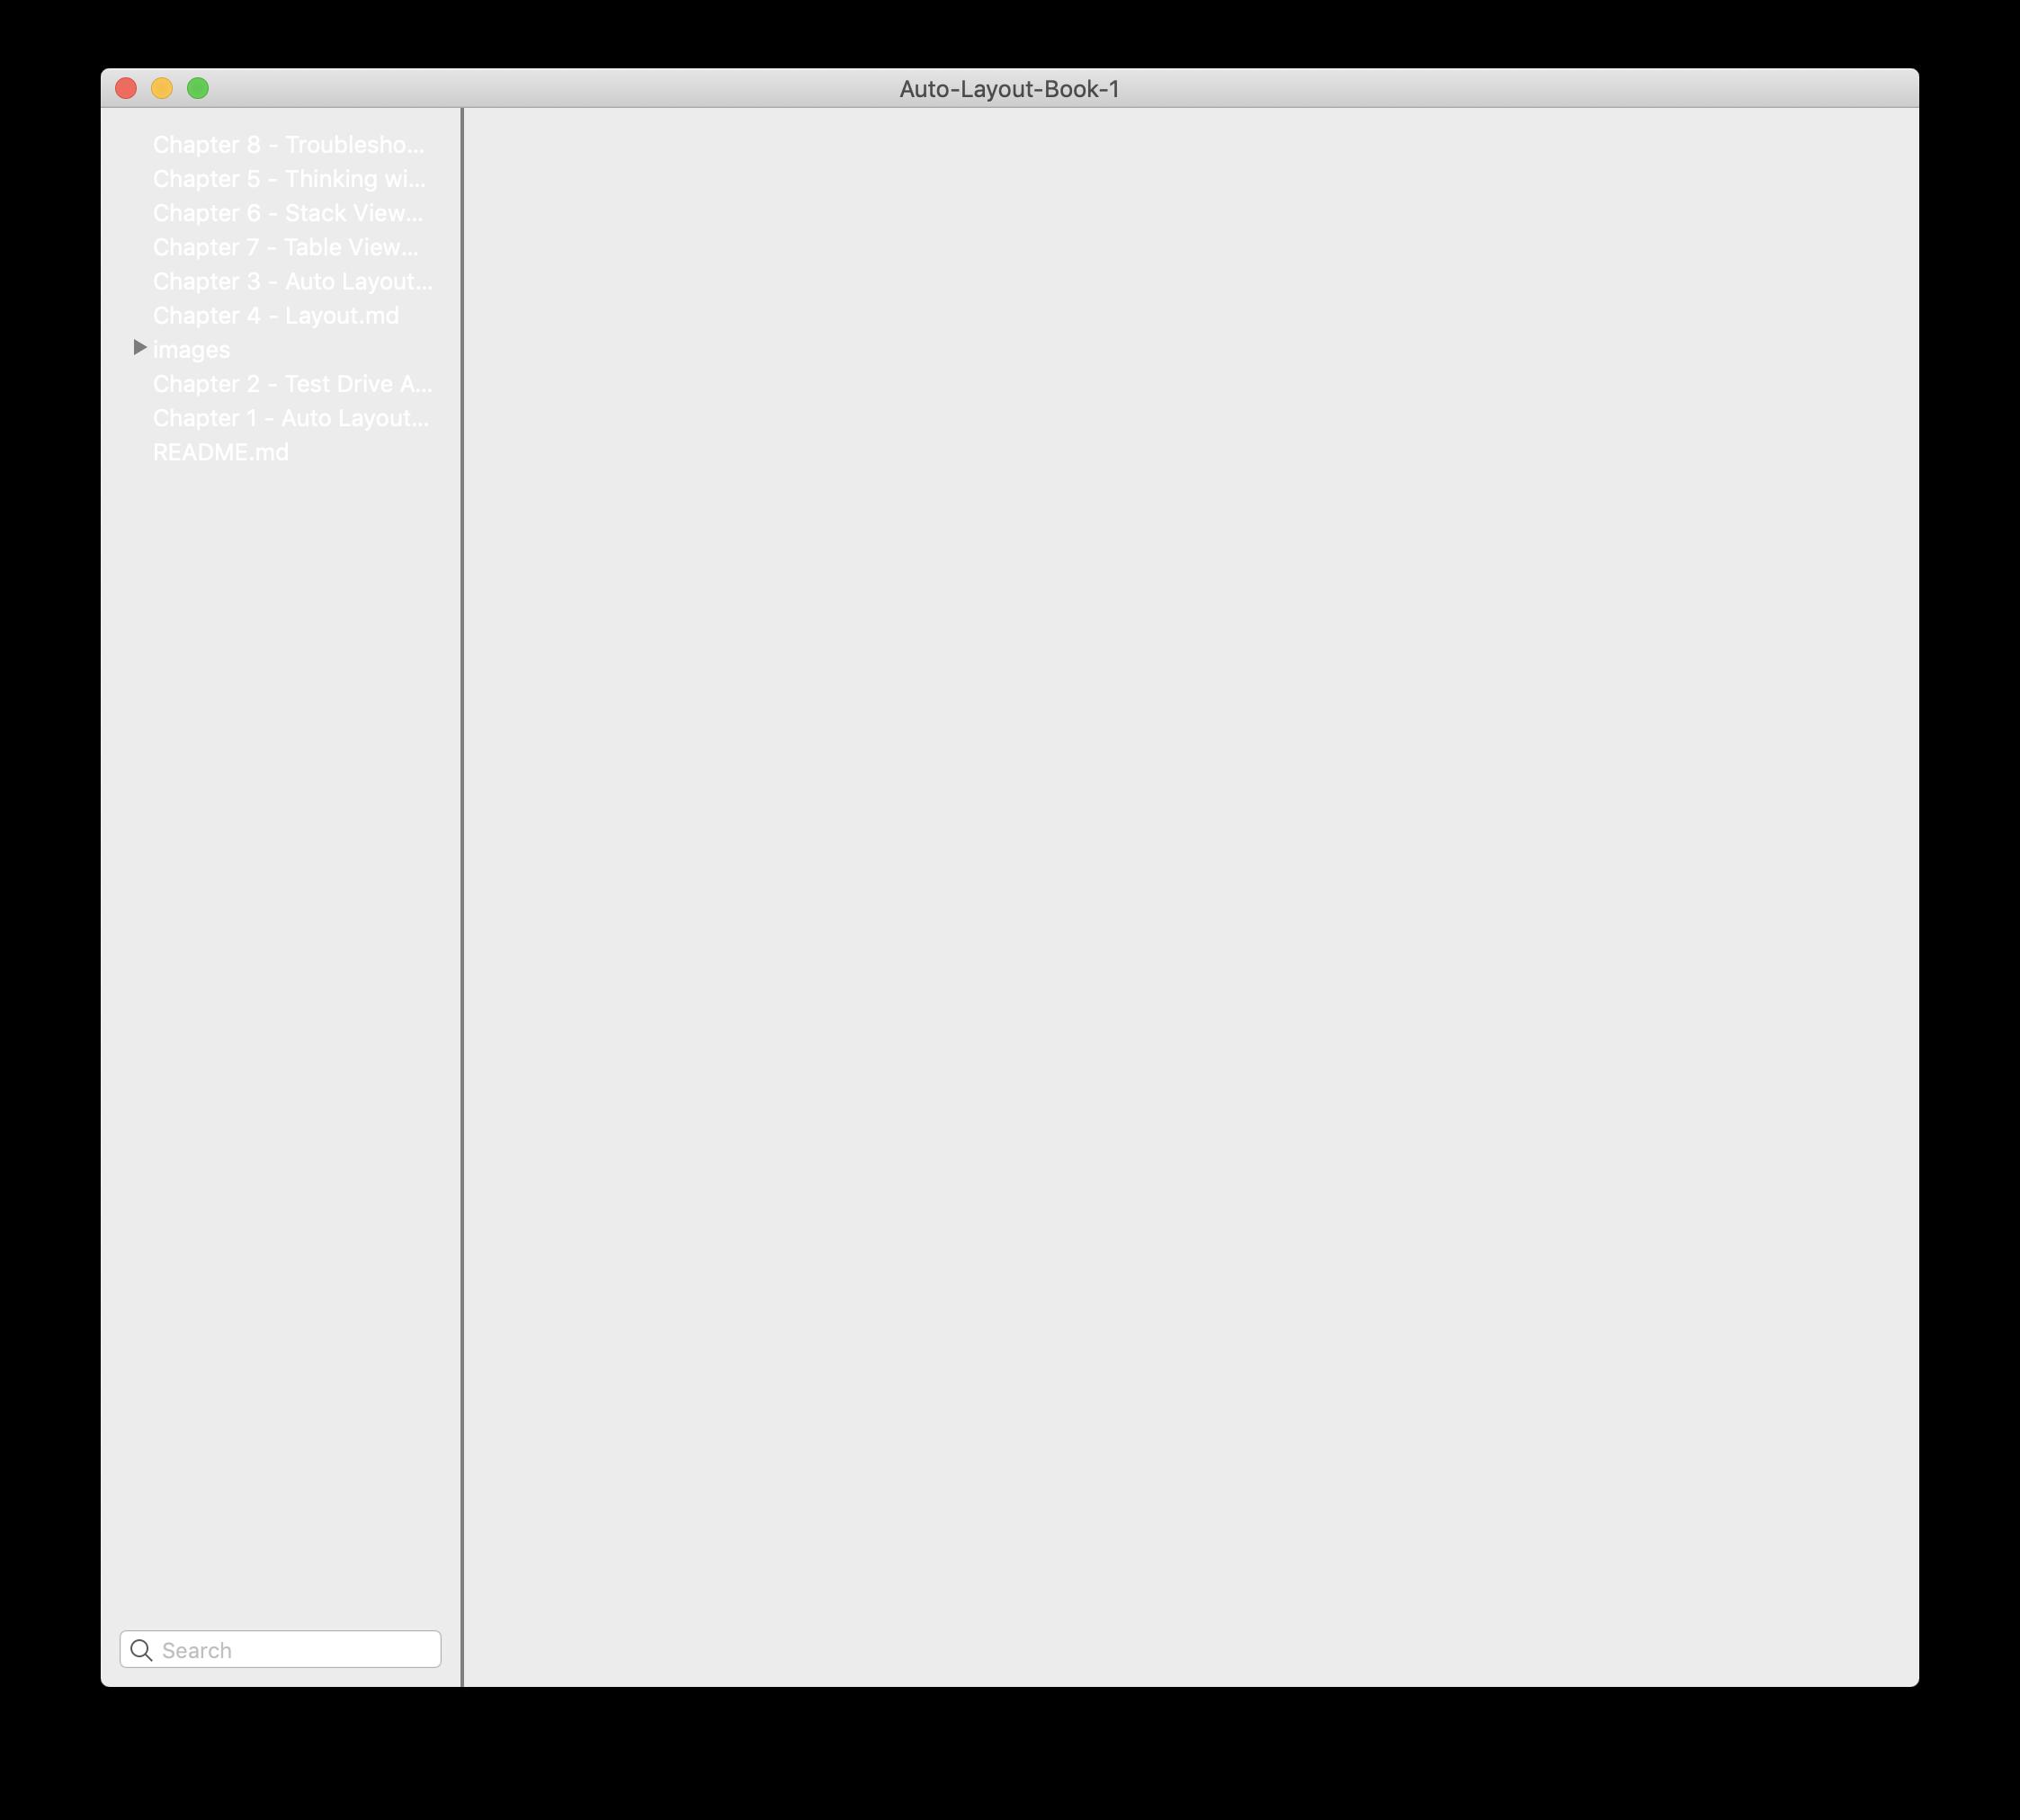 Screen_shot_2018-11-27_at_9.01.51_am